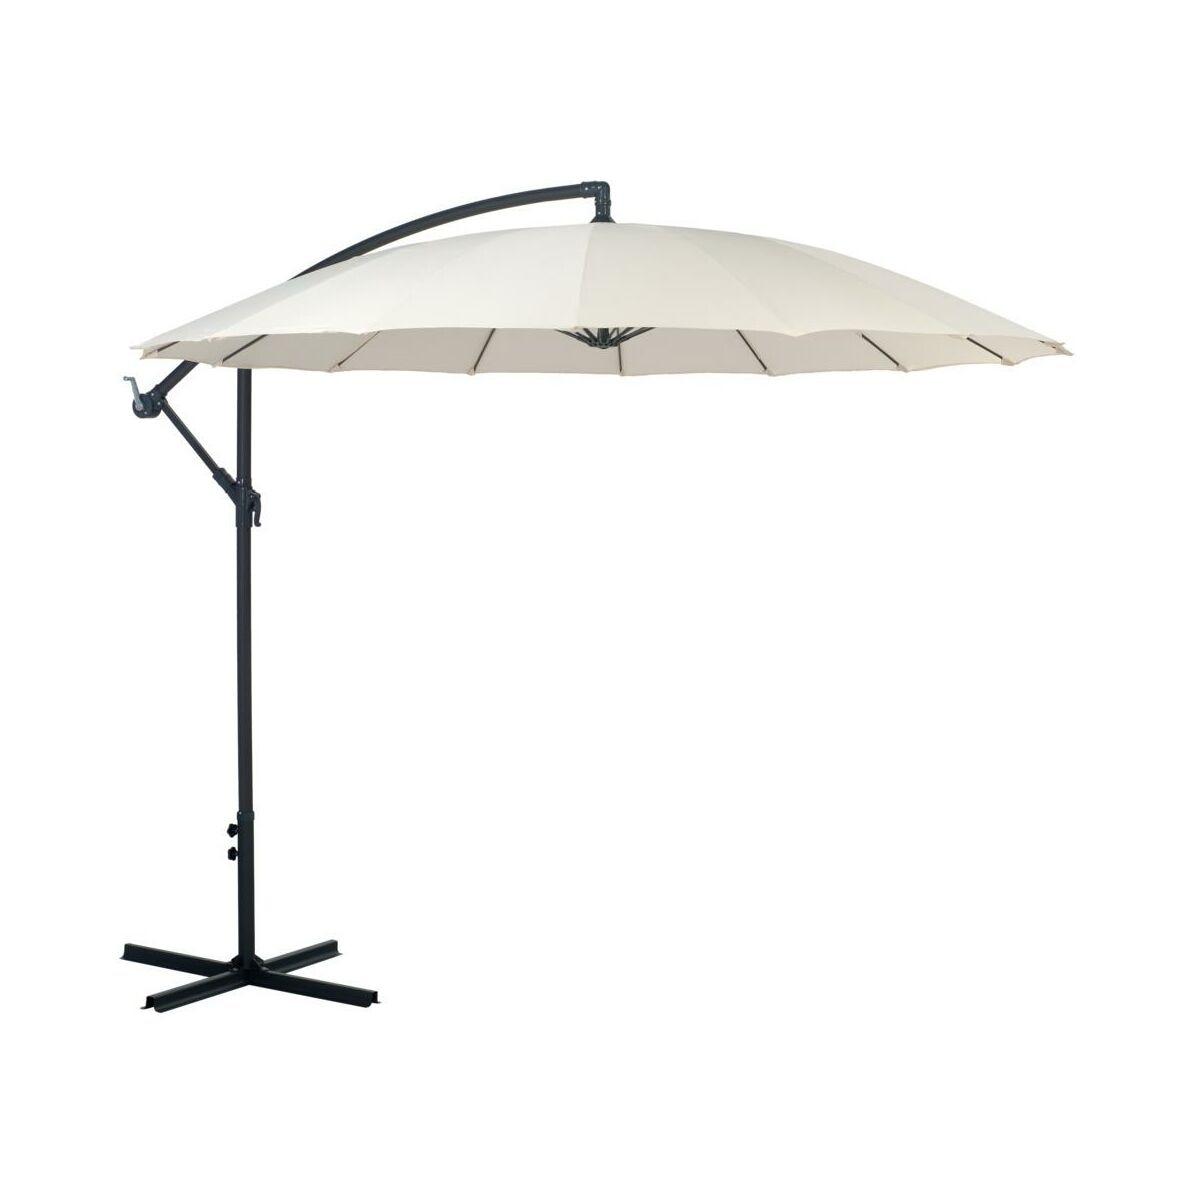 Parasol ogrodowy parasole ogrodowe podstawy w atrakcyjnej cenie w sklepach leroy merlin - Rode leroy merlin parasol ...